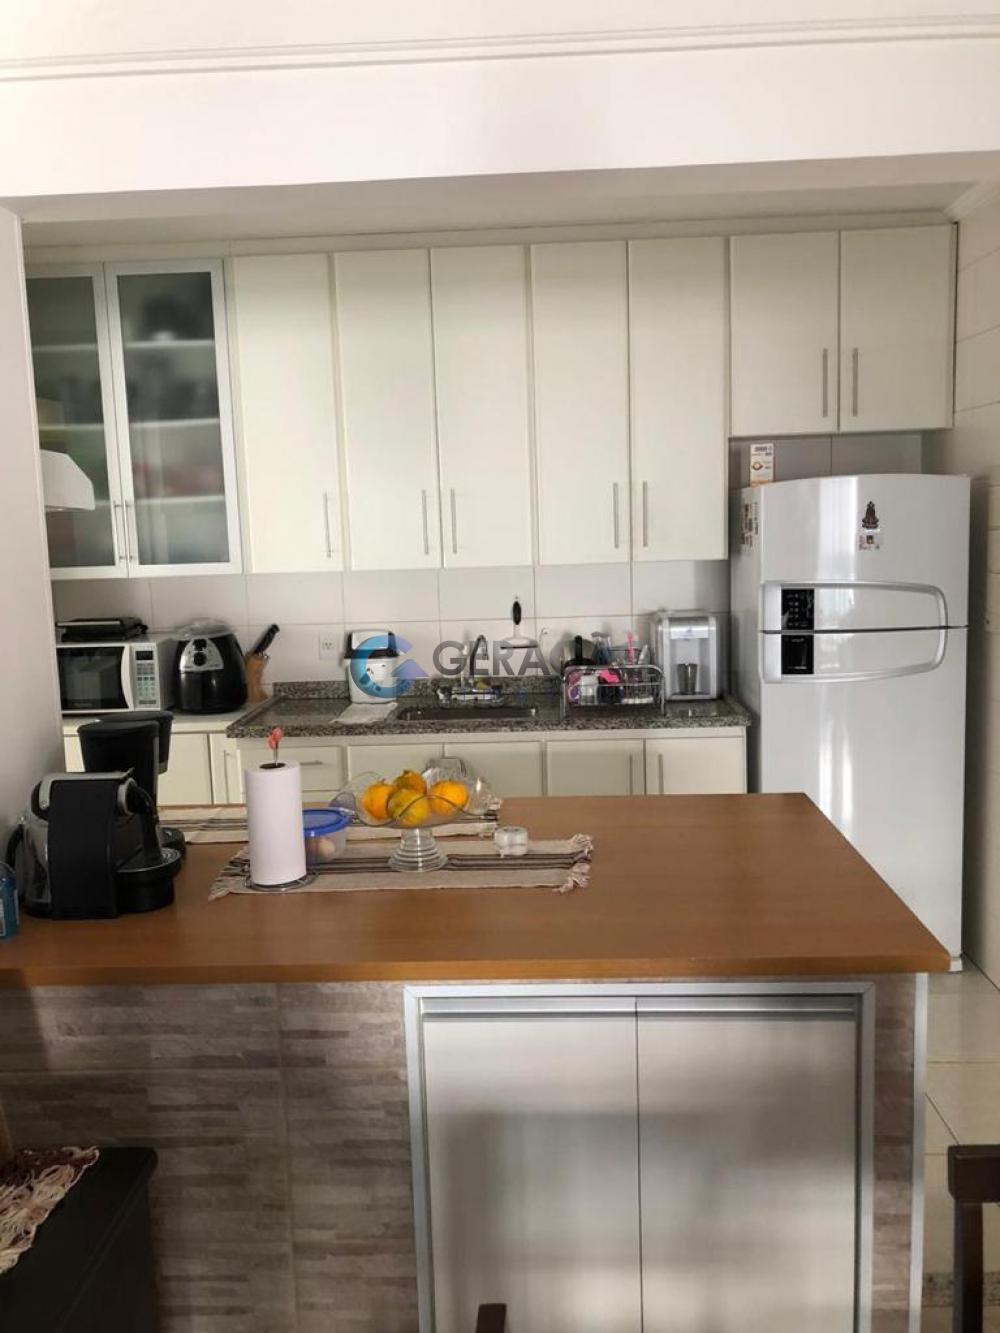 Comprar Apartamento / Padrão em São Paulo apenas R$ 1.300.000,00 - Foto 8